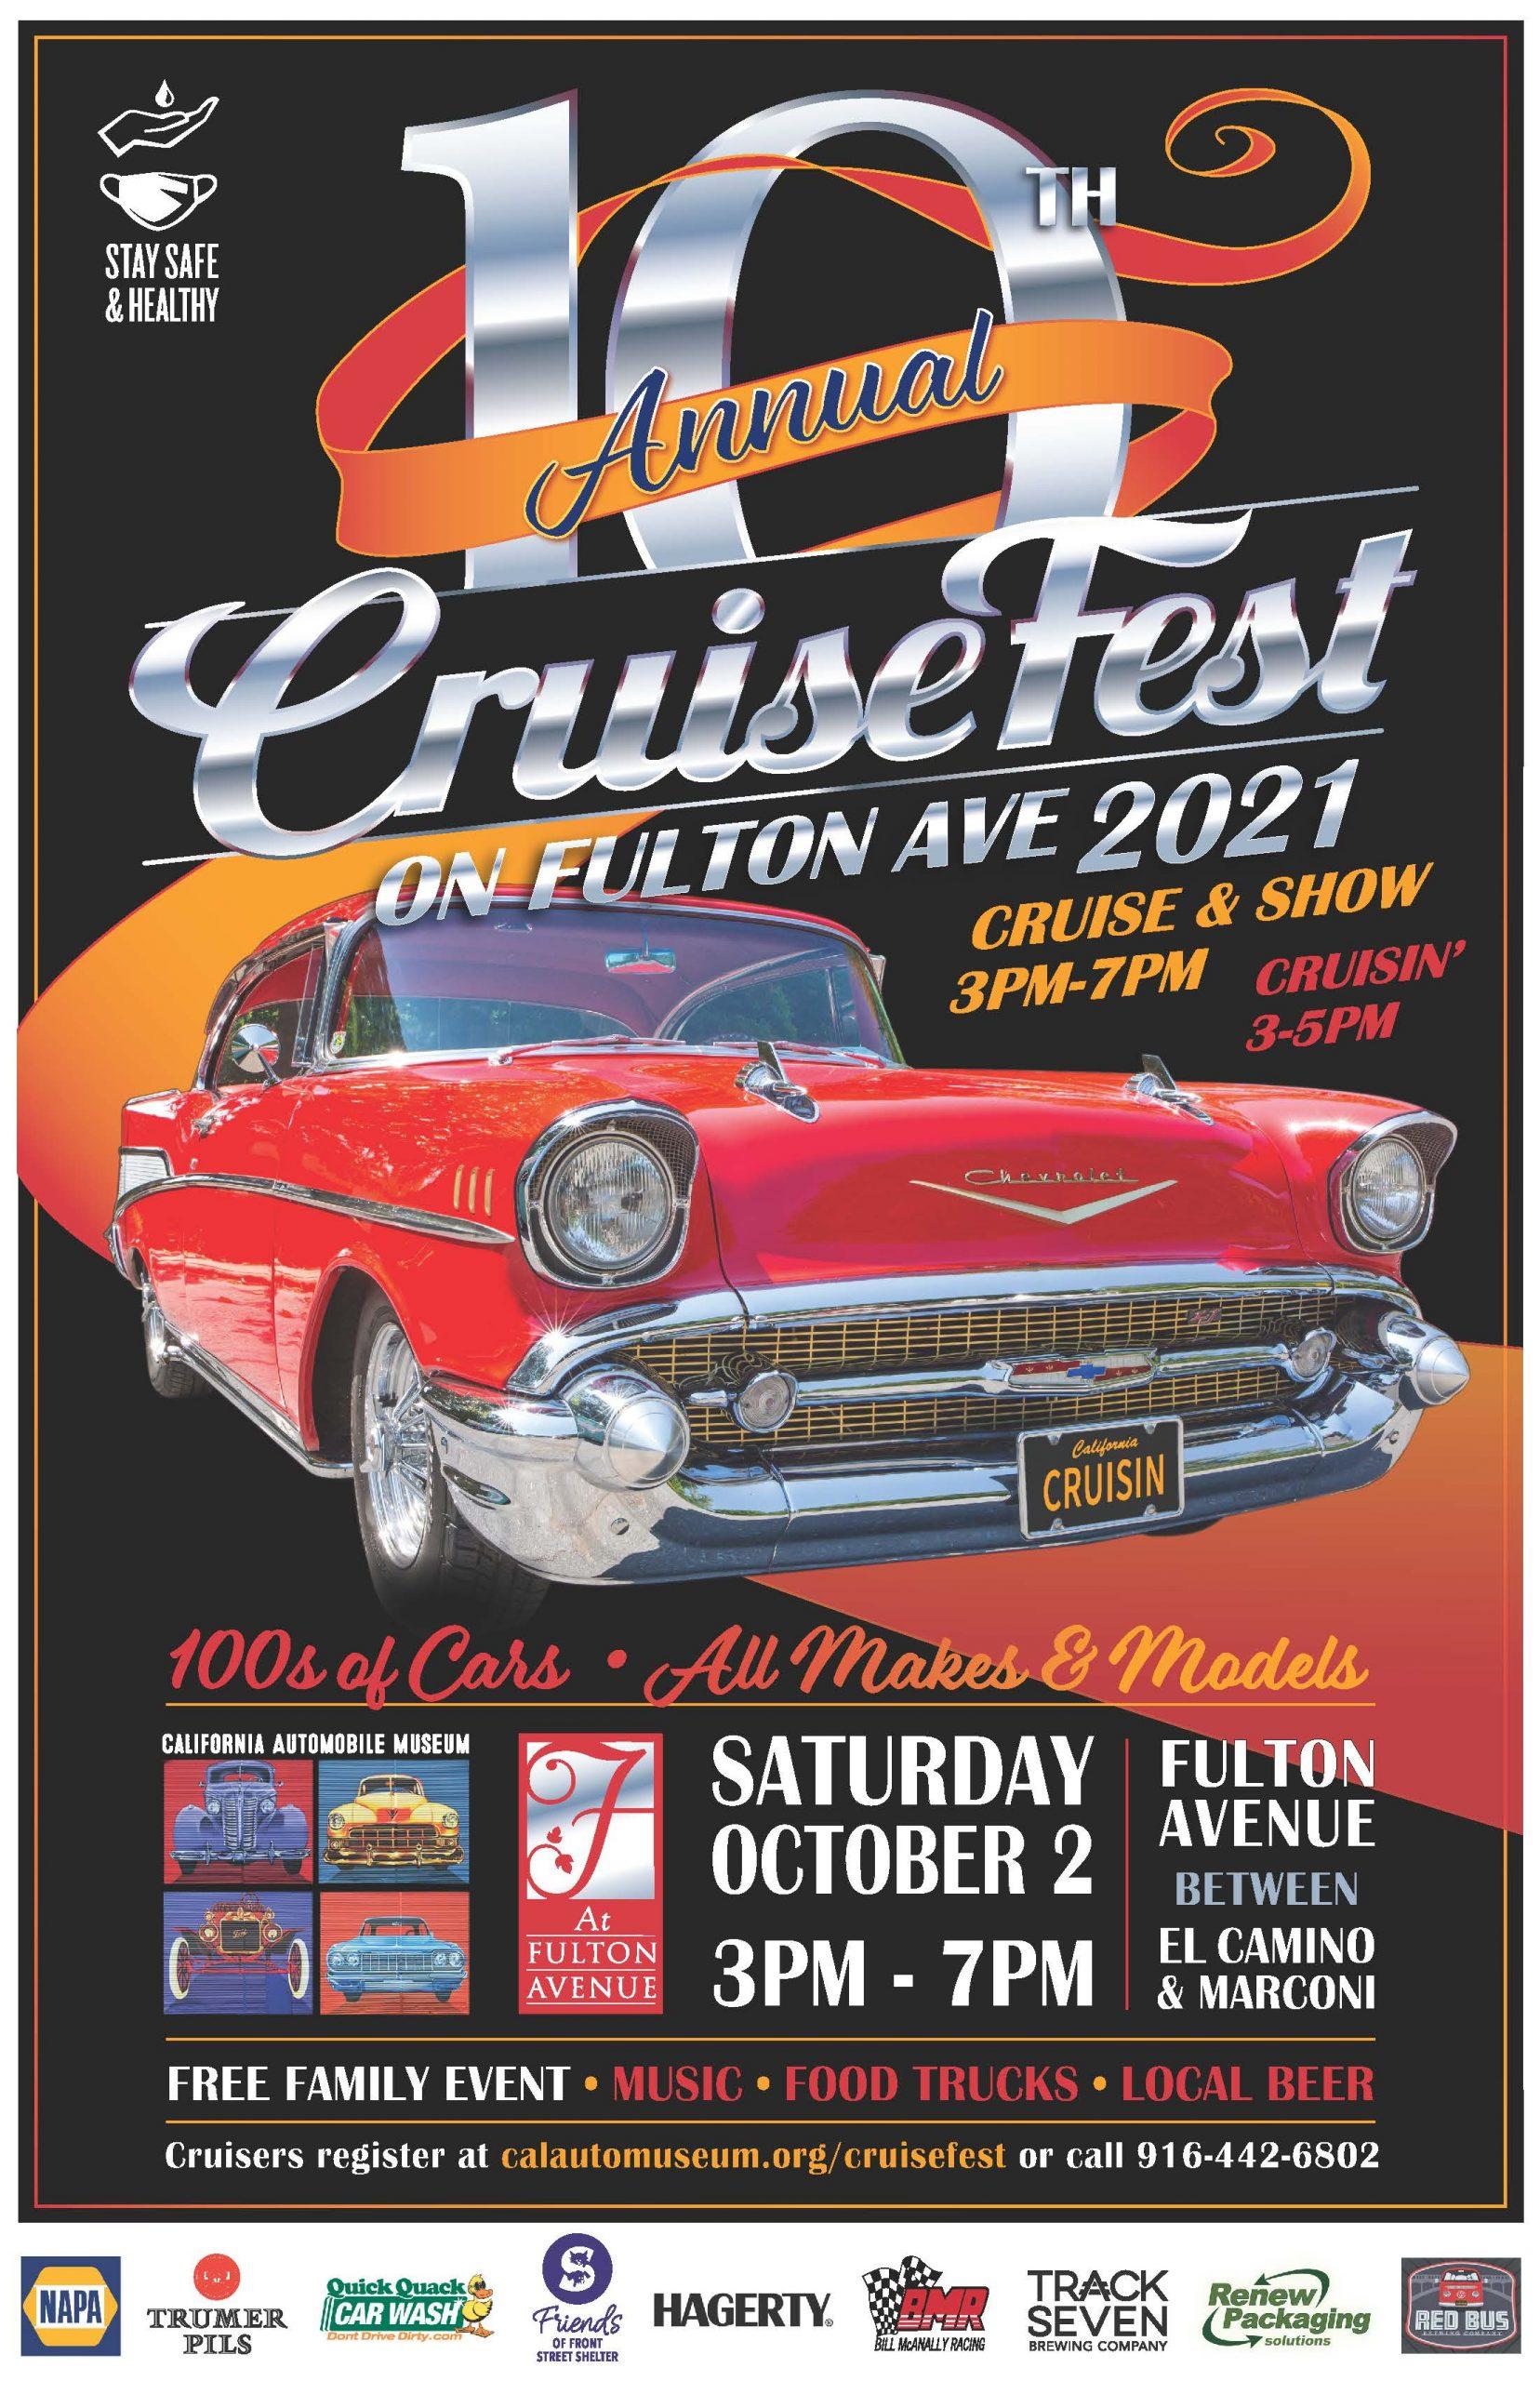 CruiseFest 2021